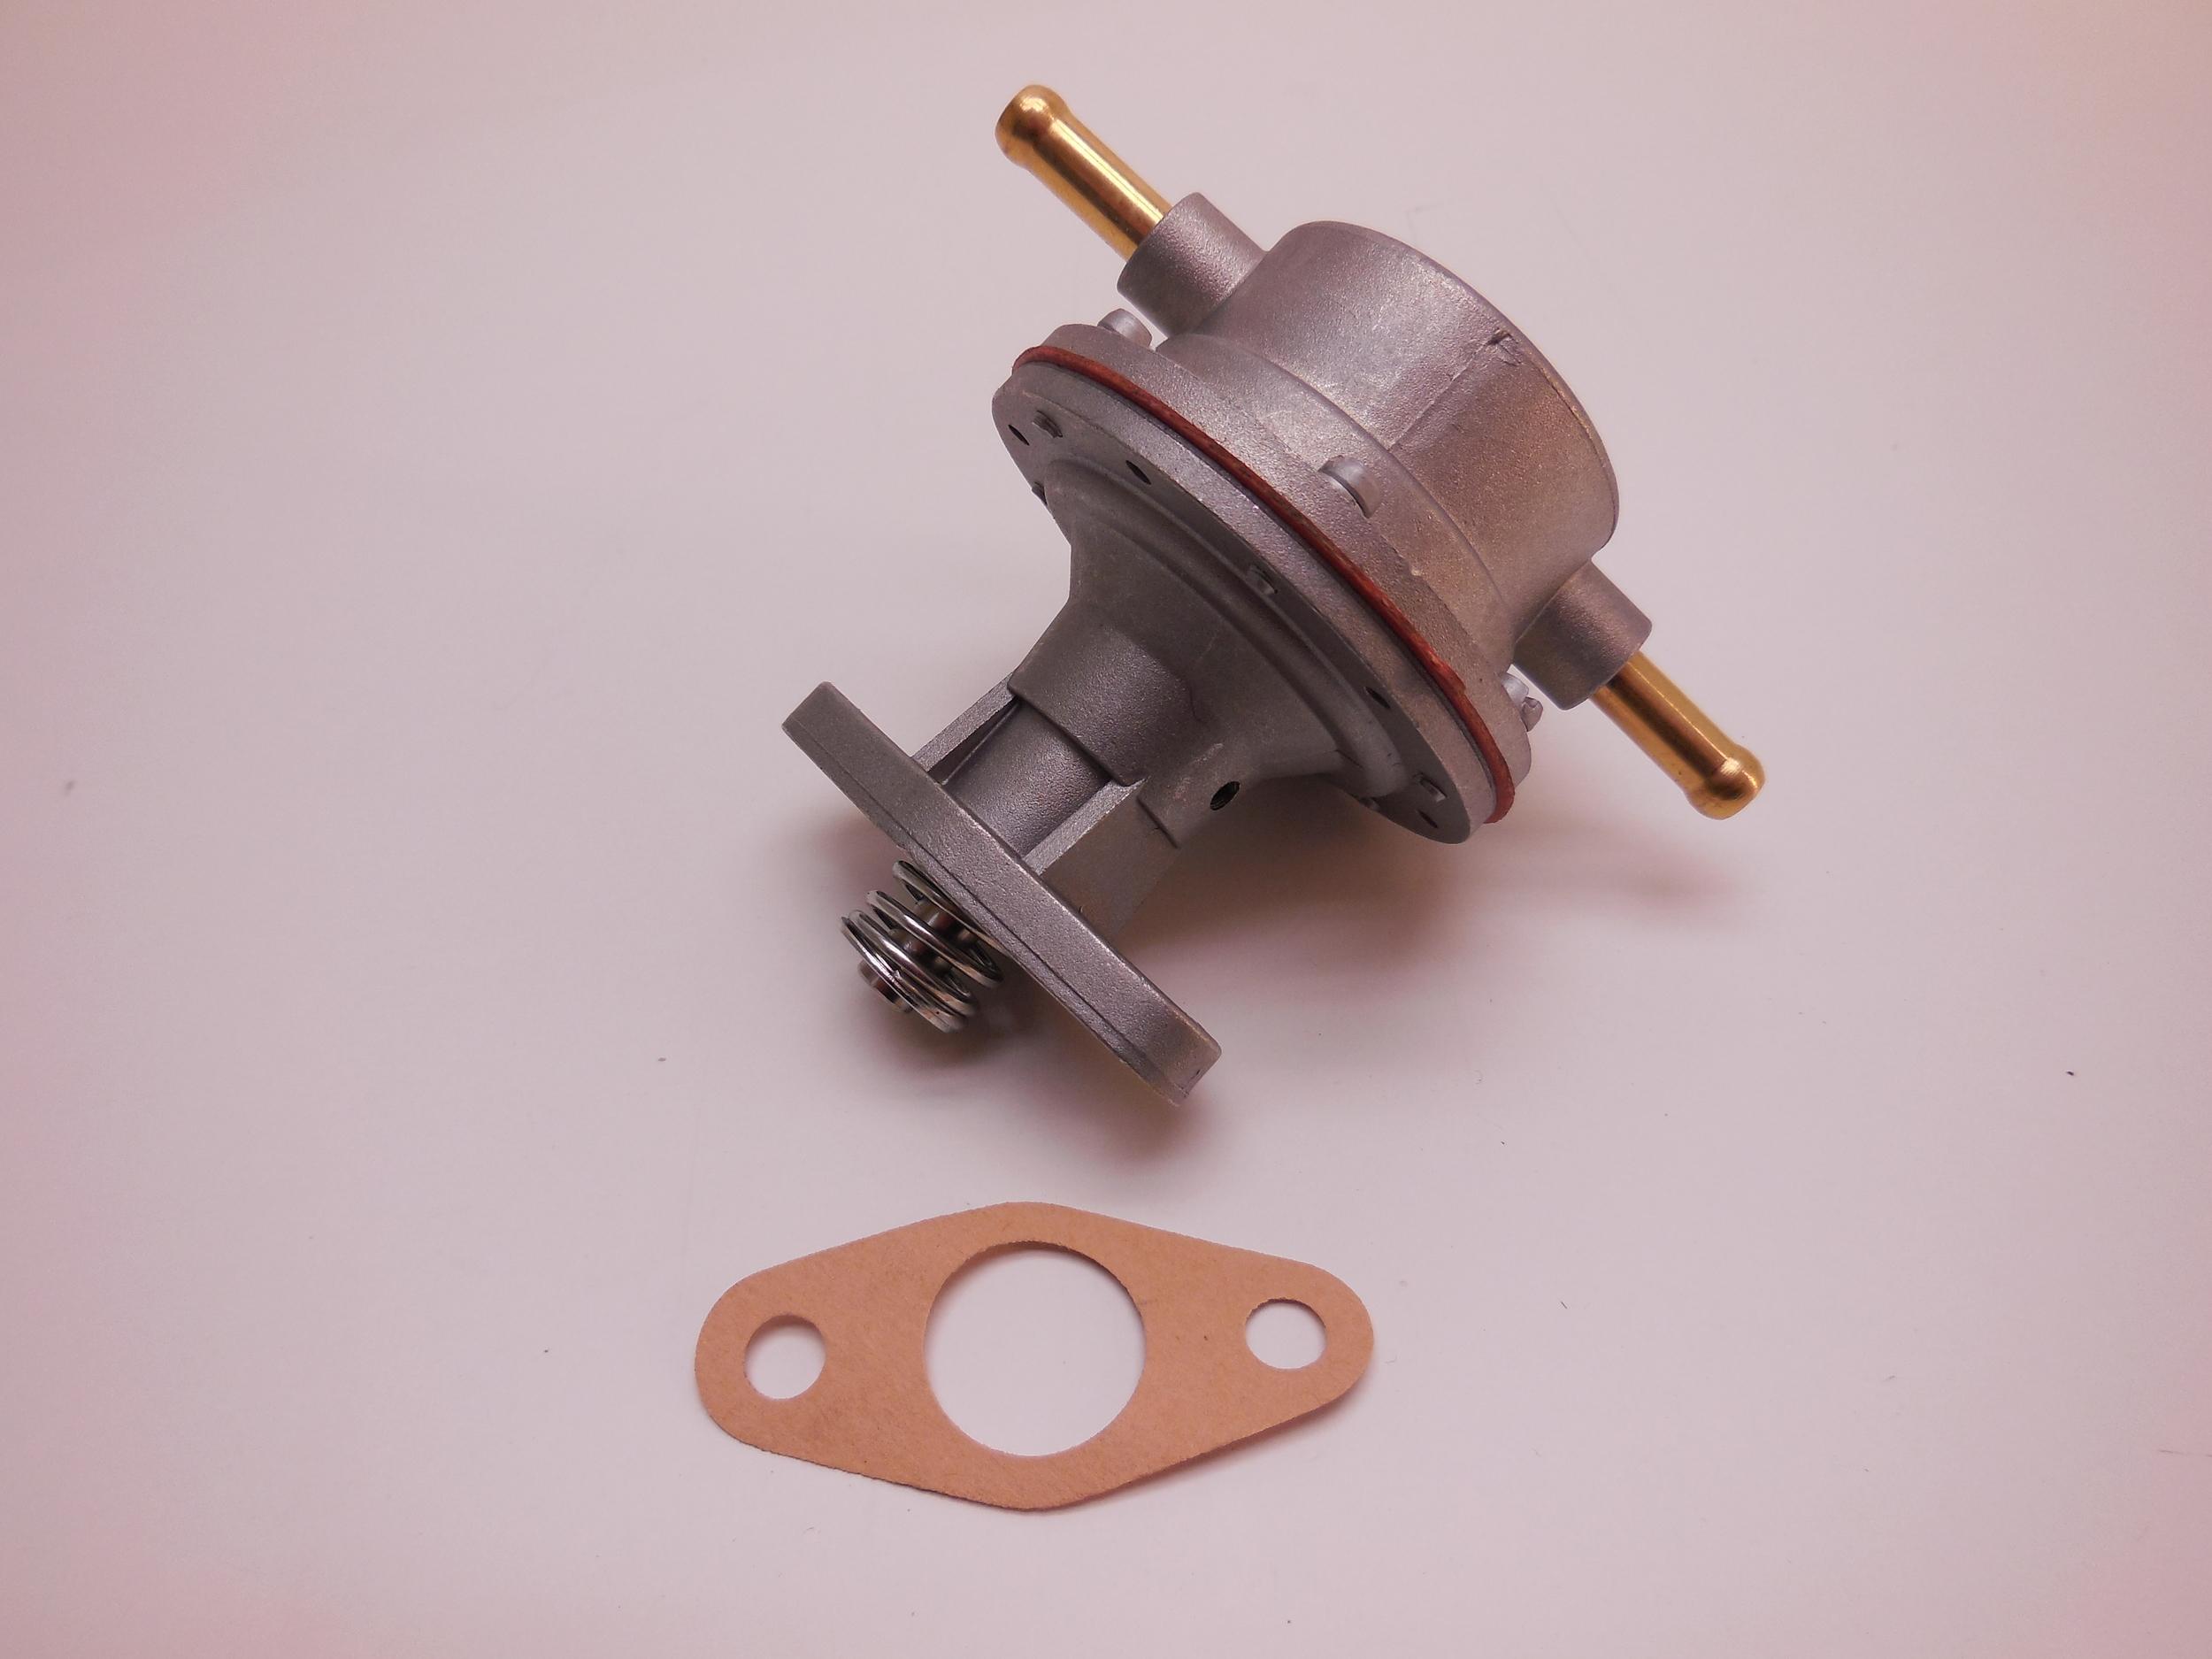 Fuel pump häggo Nr:453 7091-006 price: 1370 sek